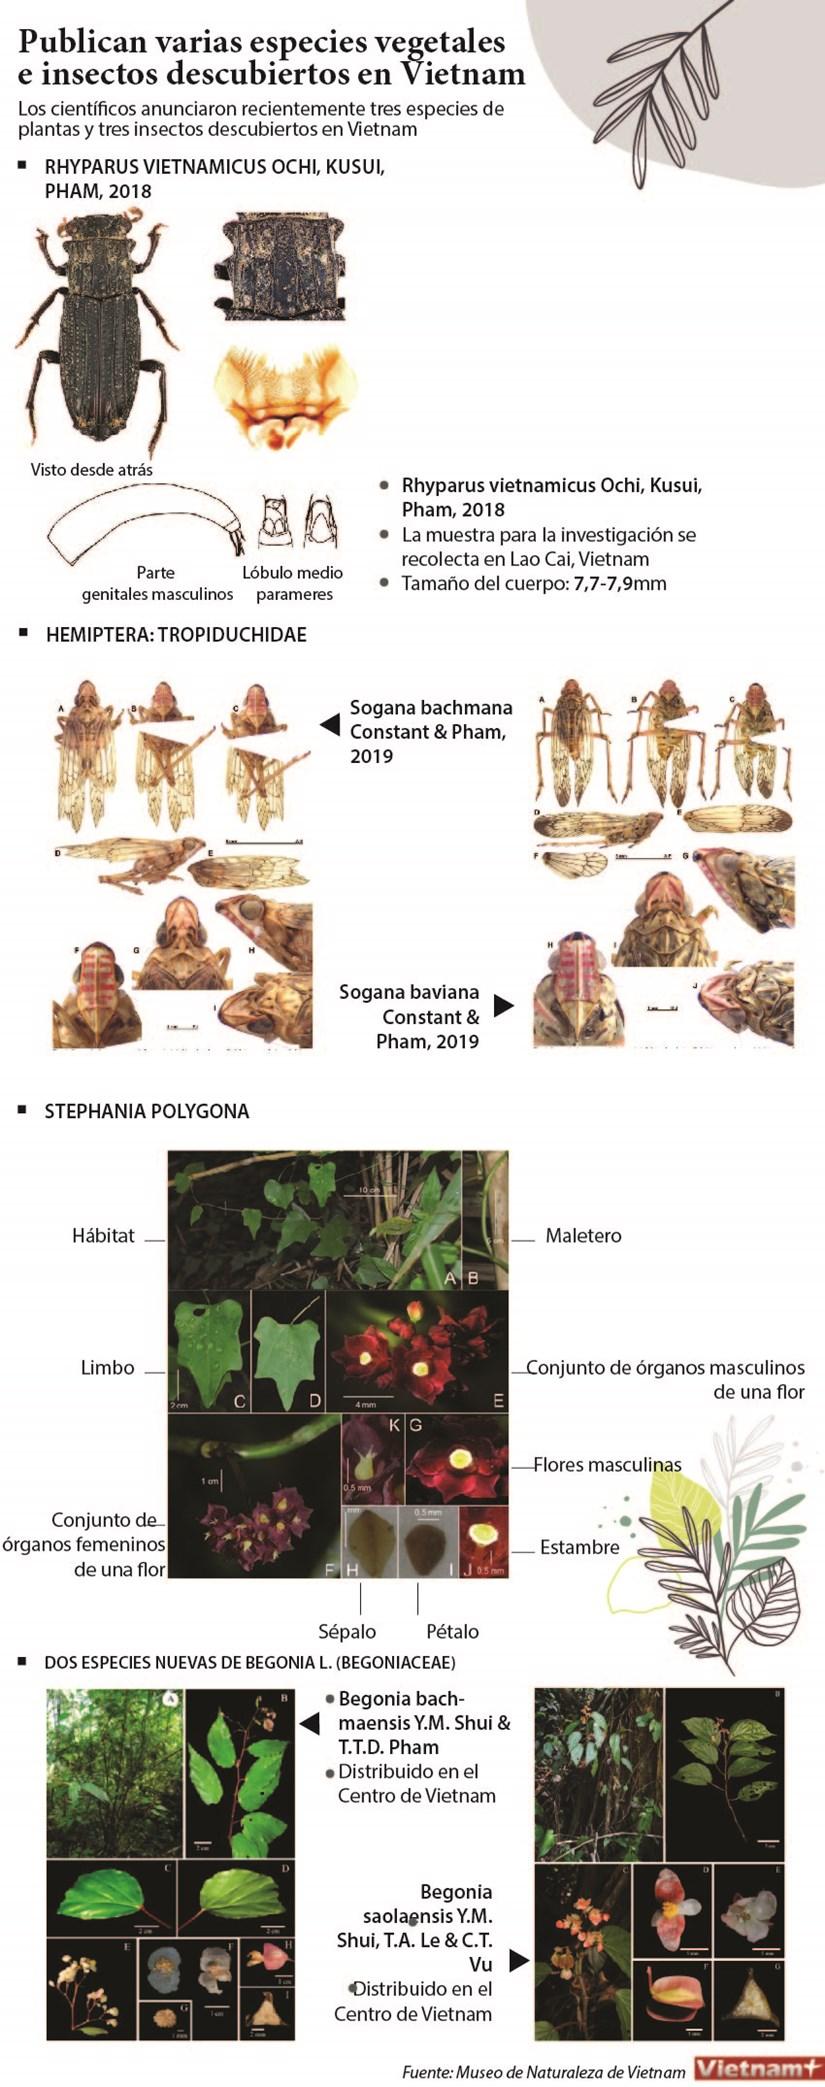 [Infografia] Publican varias especies vegetales e insectos descubiertos en Vietnam hinh anh 1